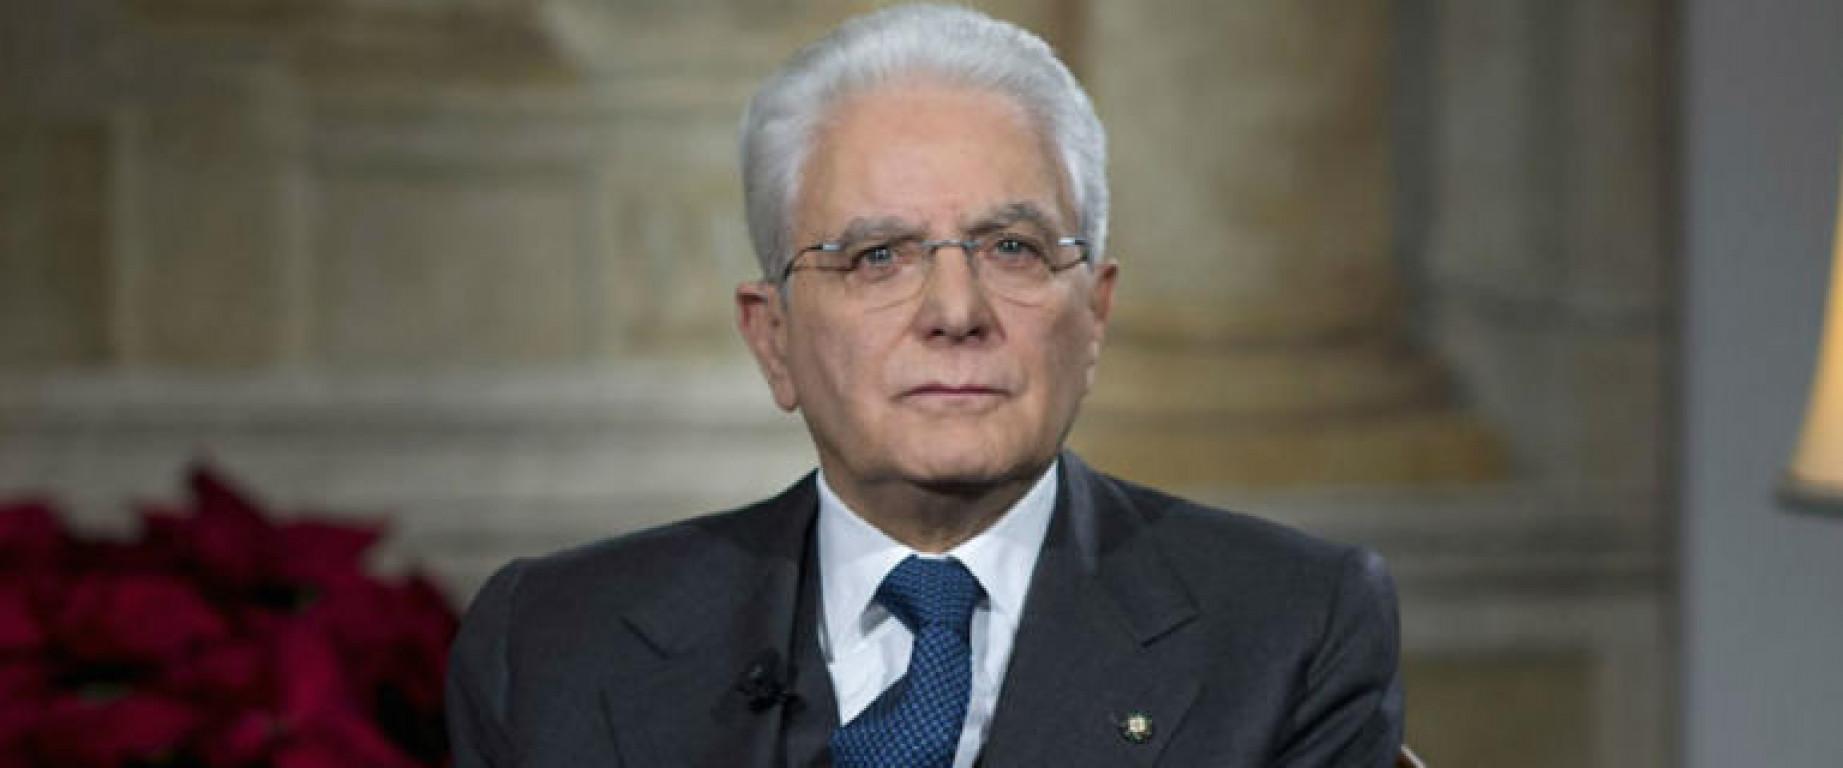 Ue, Mattarella contro «il ritorno alle sovranità nazionali». È polemica